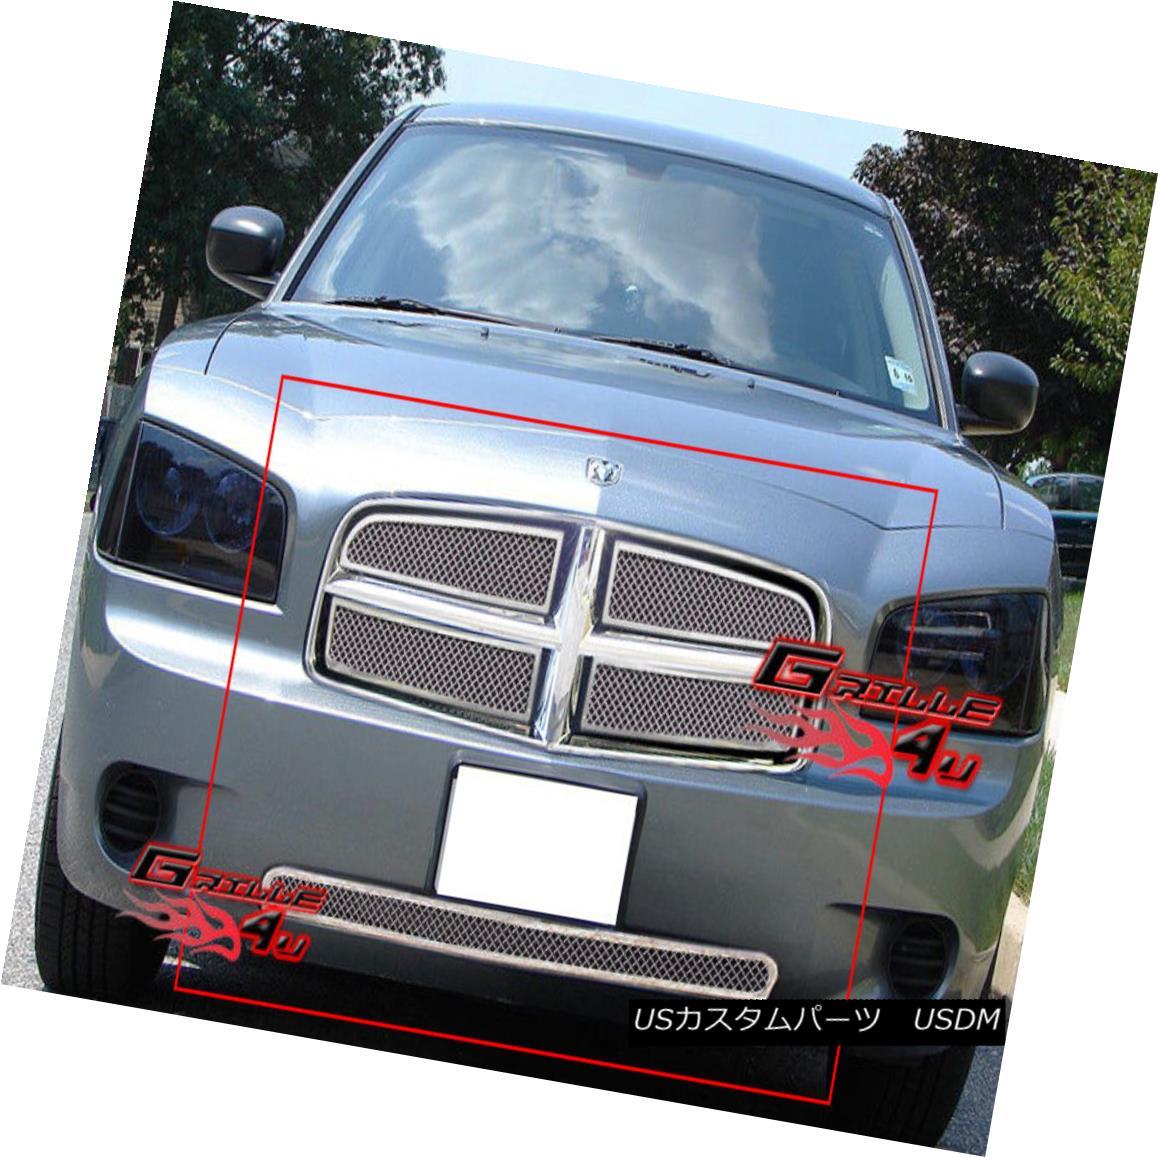 グリル For 05-10 Dodge Charger Stainless Mesh Grille Combo Insert 05-10ダッジチャージャステンレスメッシュグリルコンボインサート